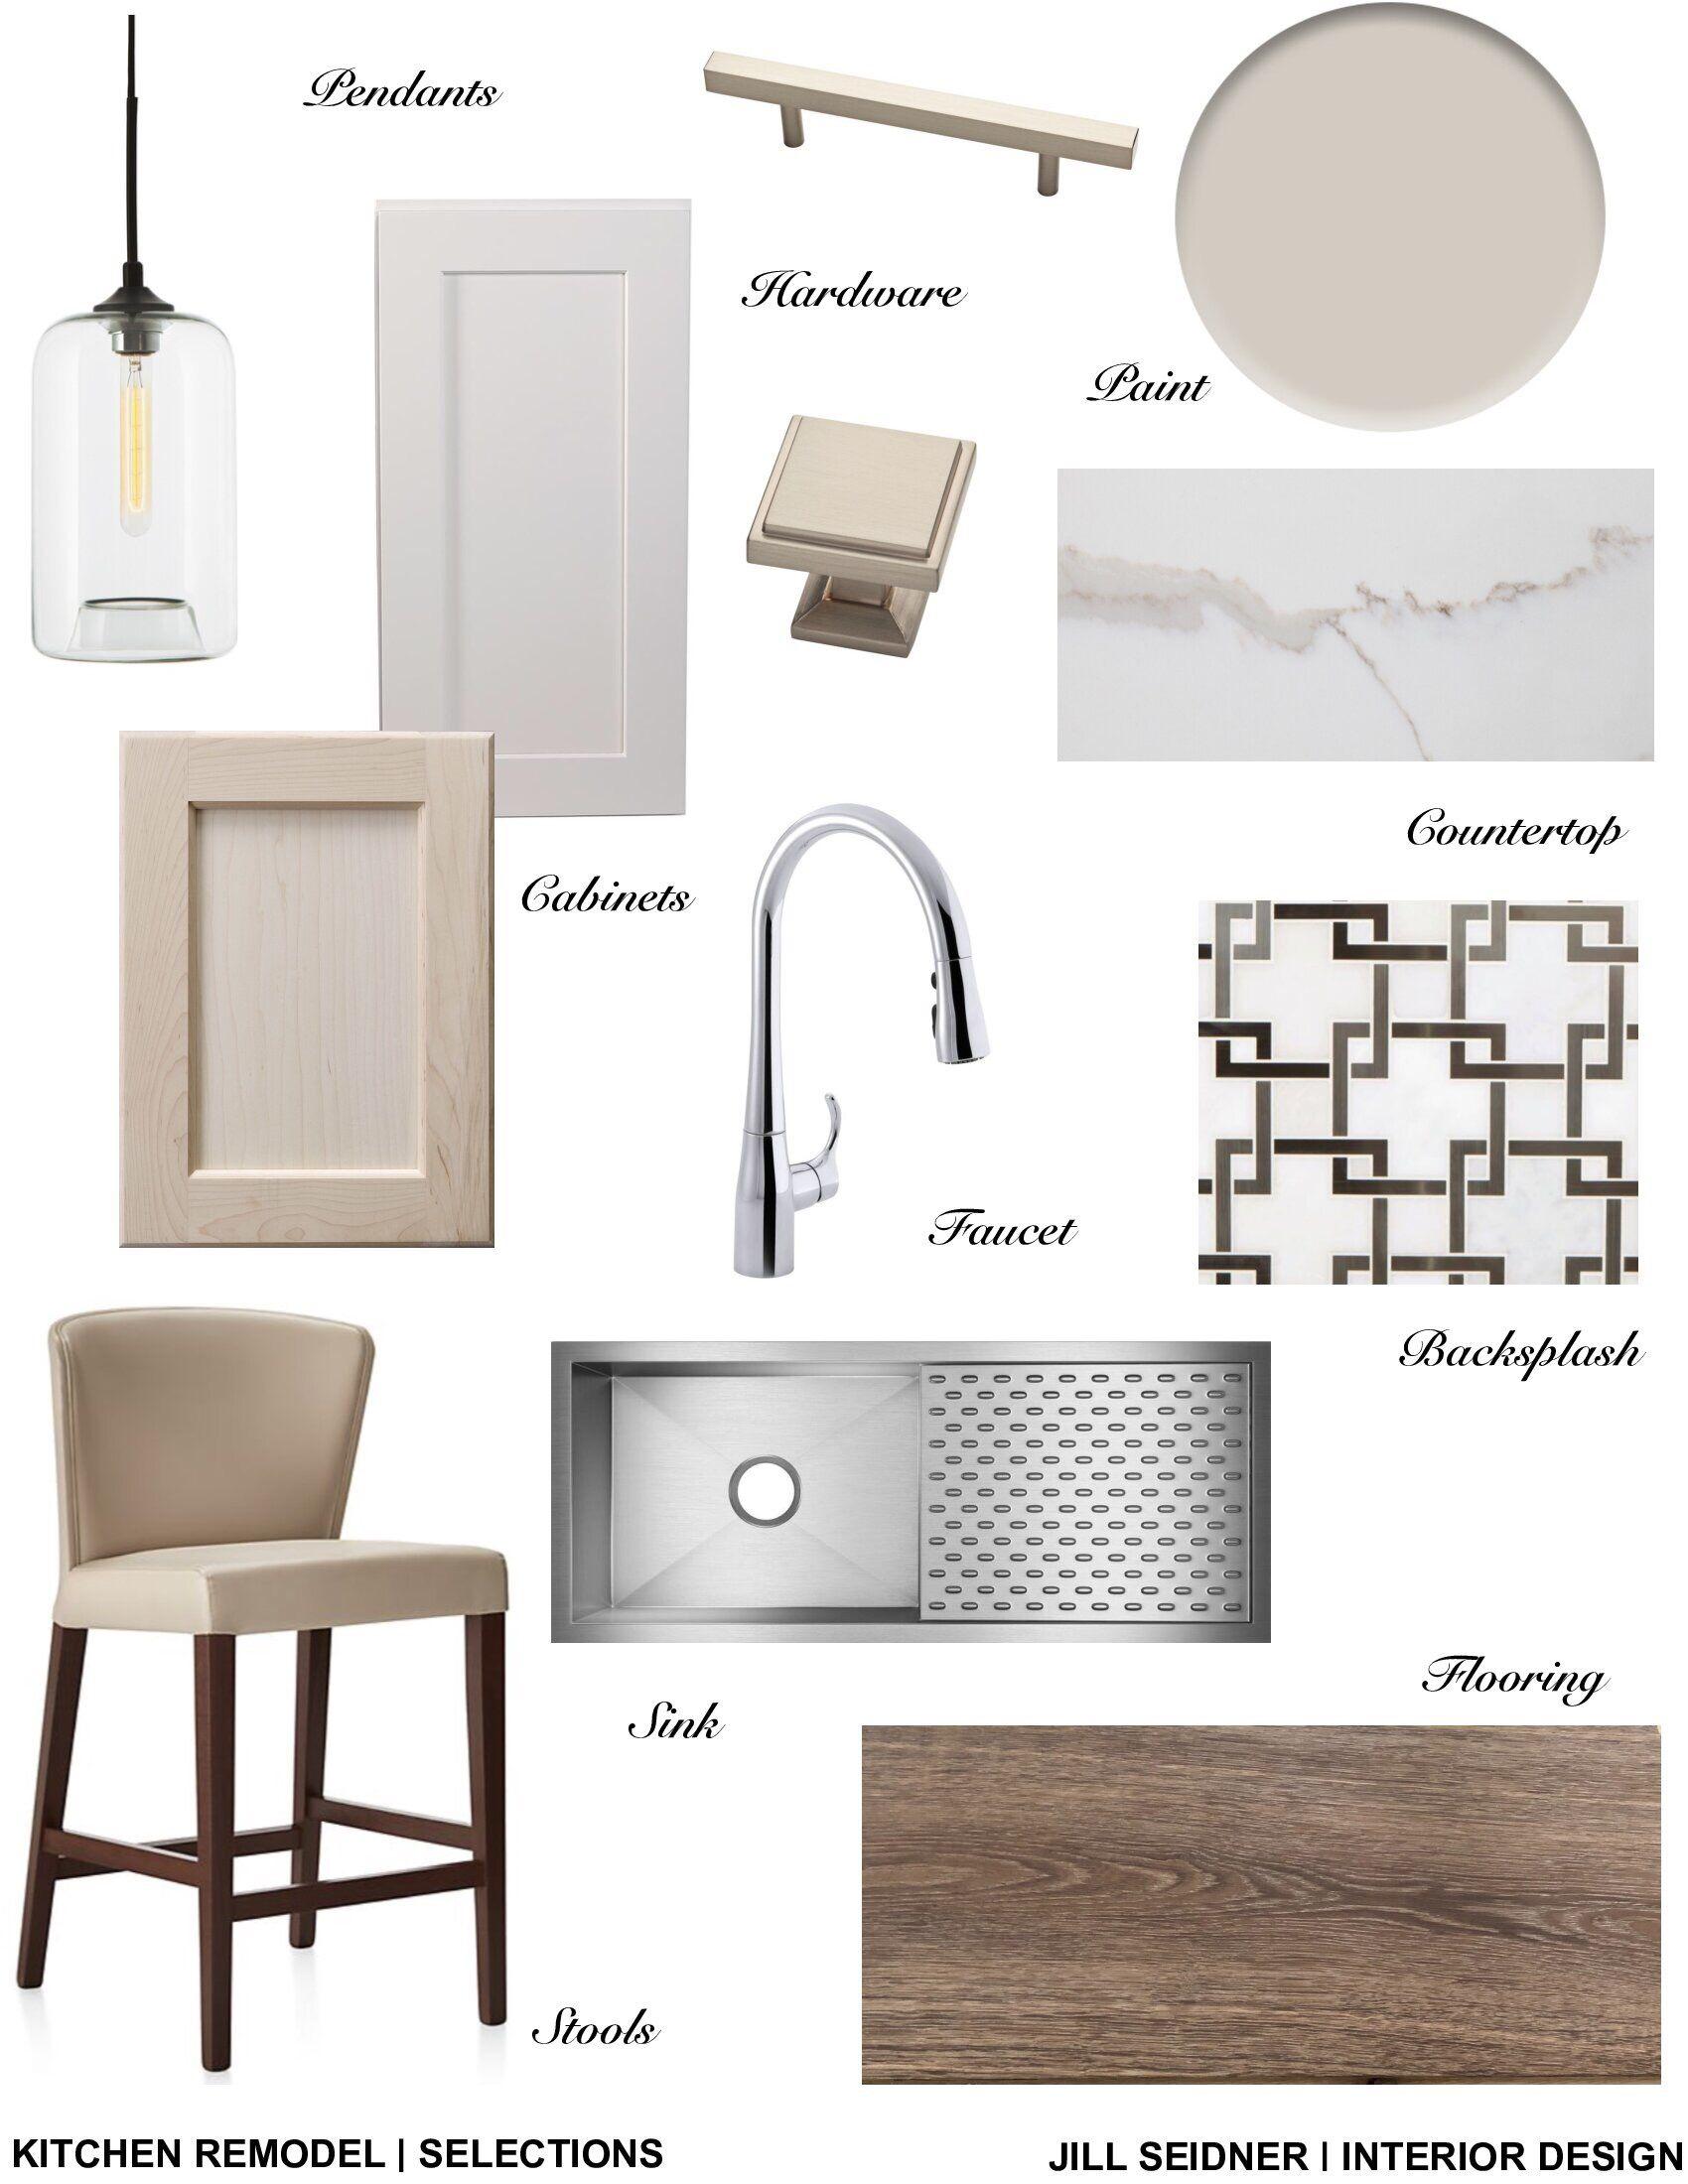 Jill Seidner Interior Design Jill Seidner Interior Design Interior Design Mood Board Interior Design Concepts Interior Design Kitchen